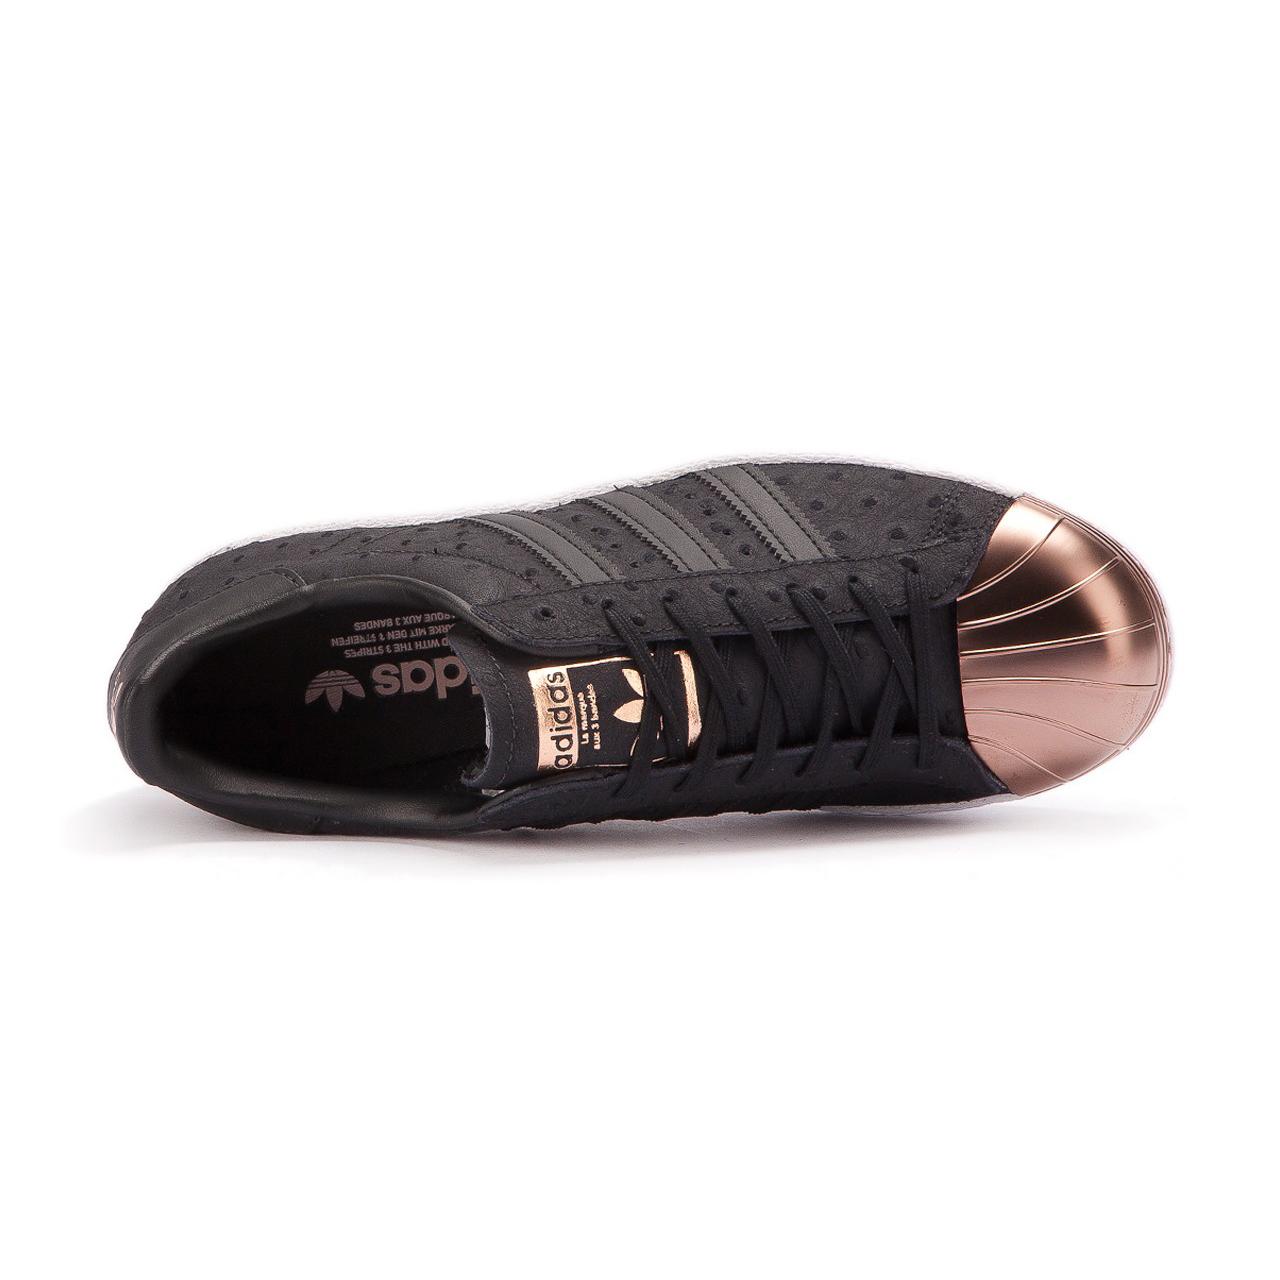 buy popular de25b 9179e Adidas Originals Superstar 80s